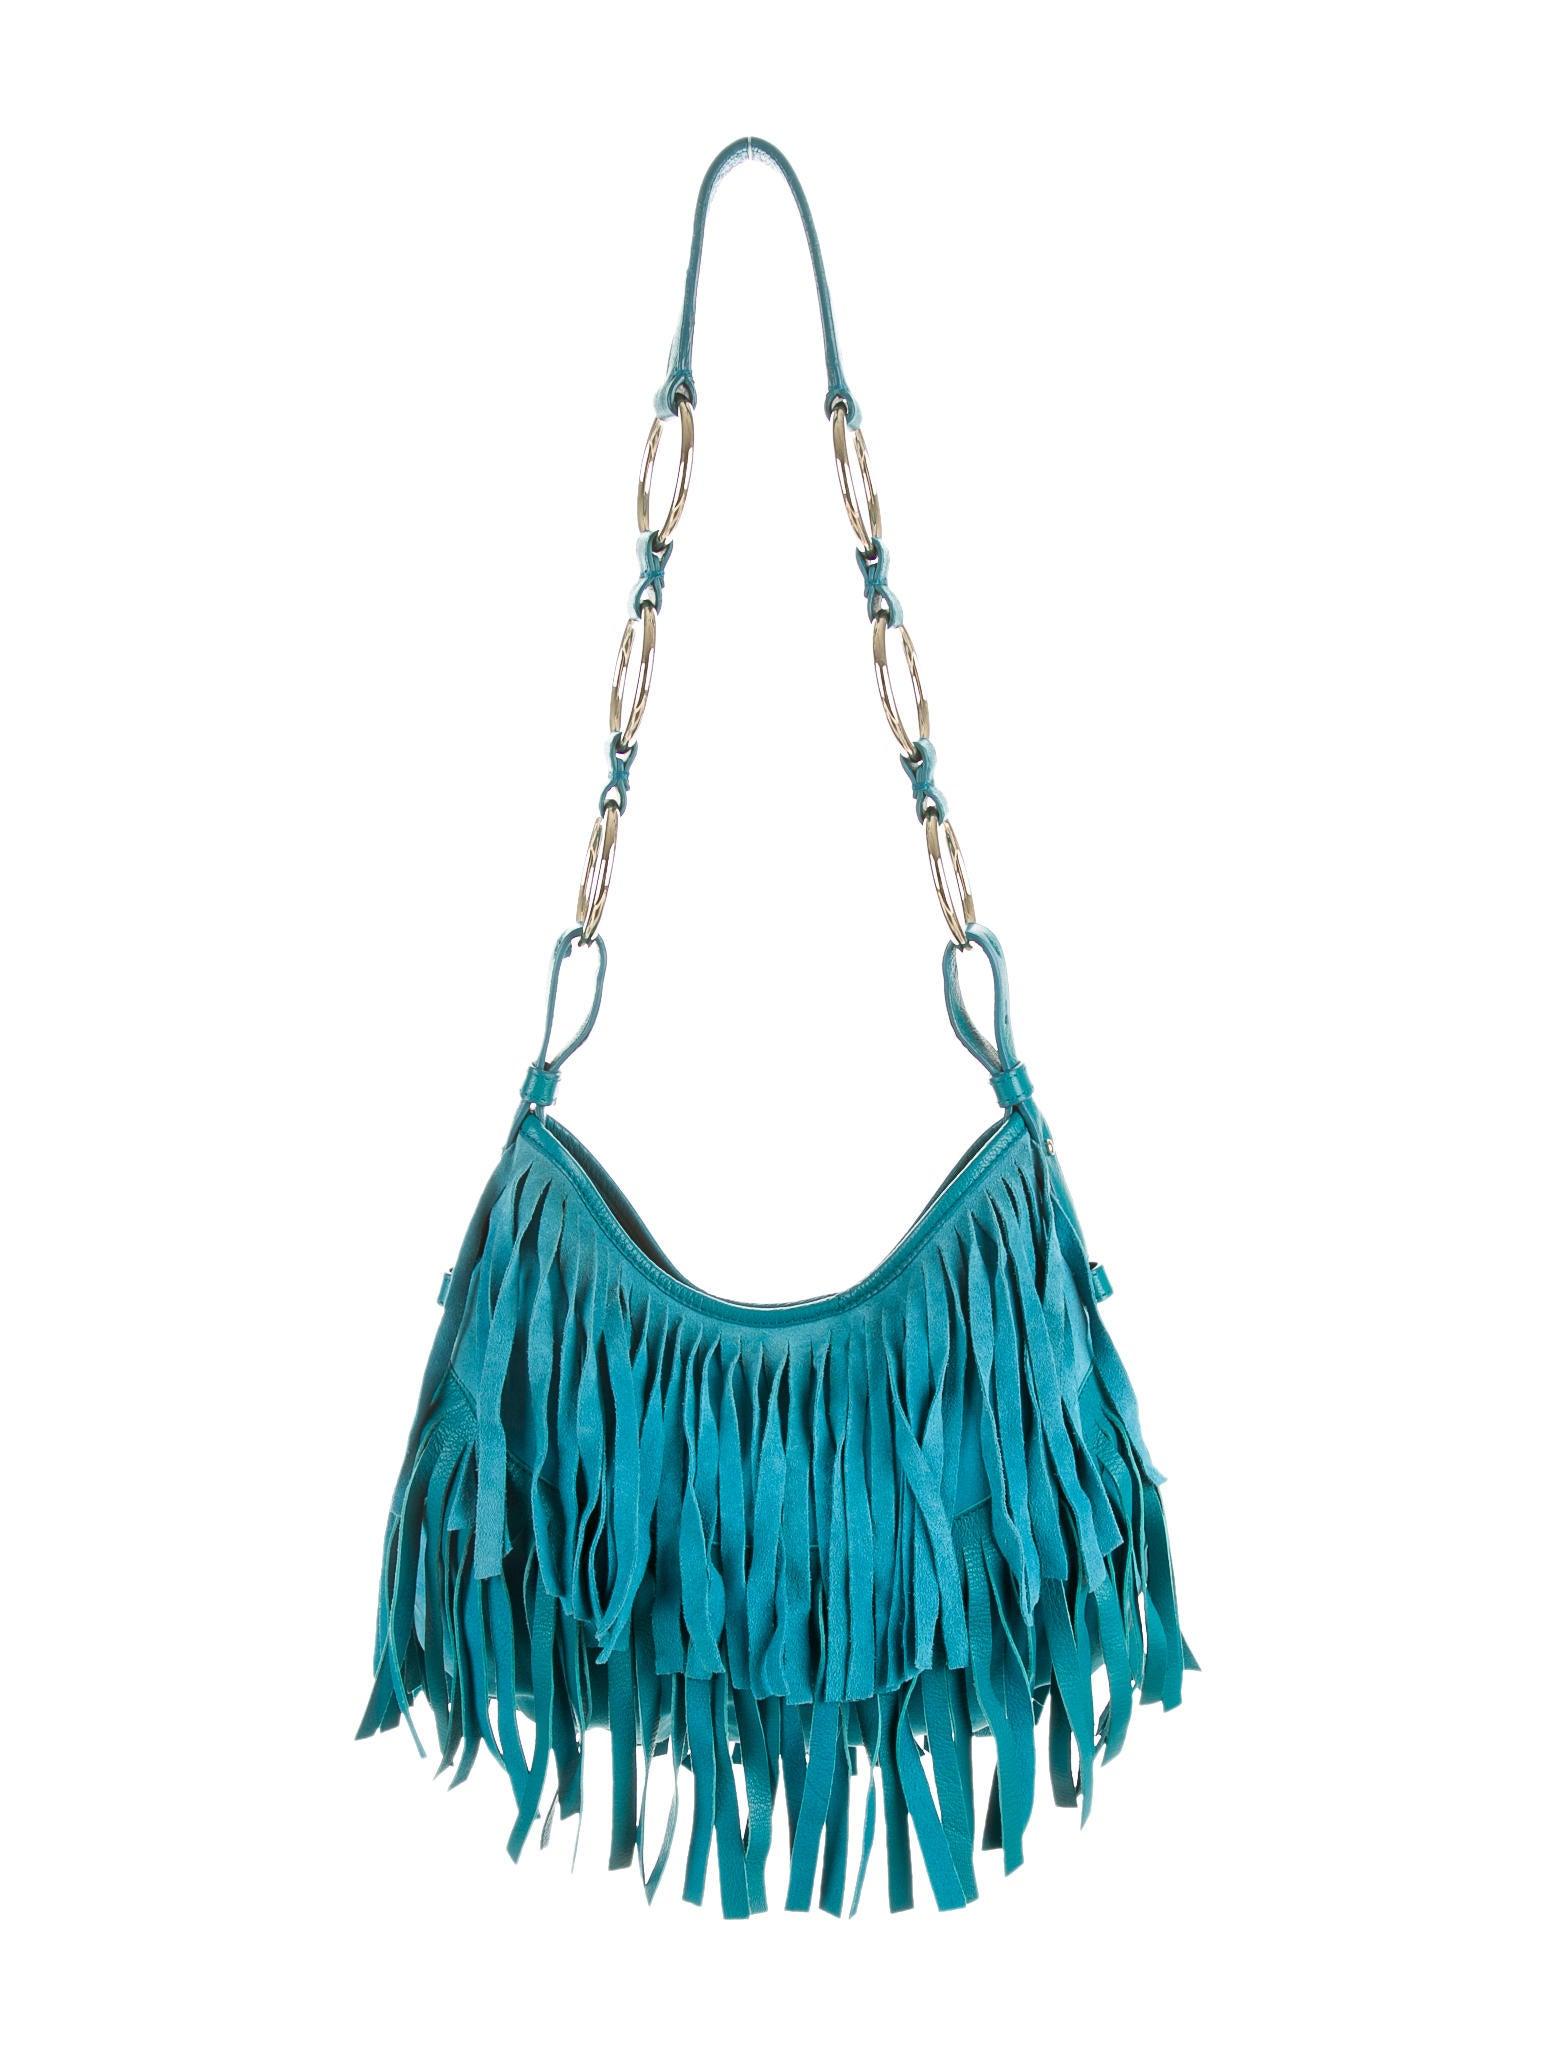 22a55b2bd3 Yves Saint Laurent La Boheme Hobo - Handbags - YVE36911 | The RealReal